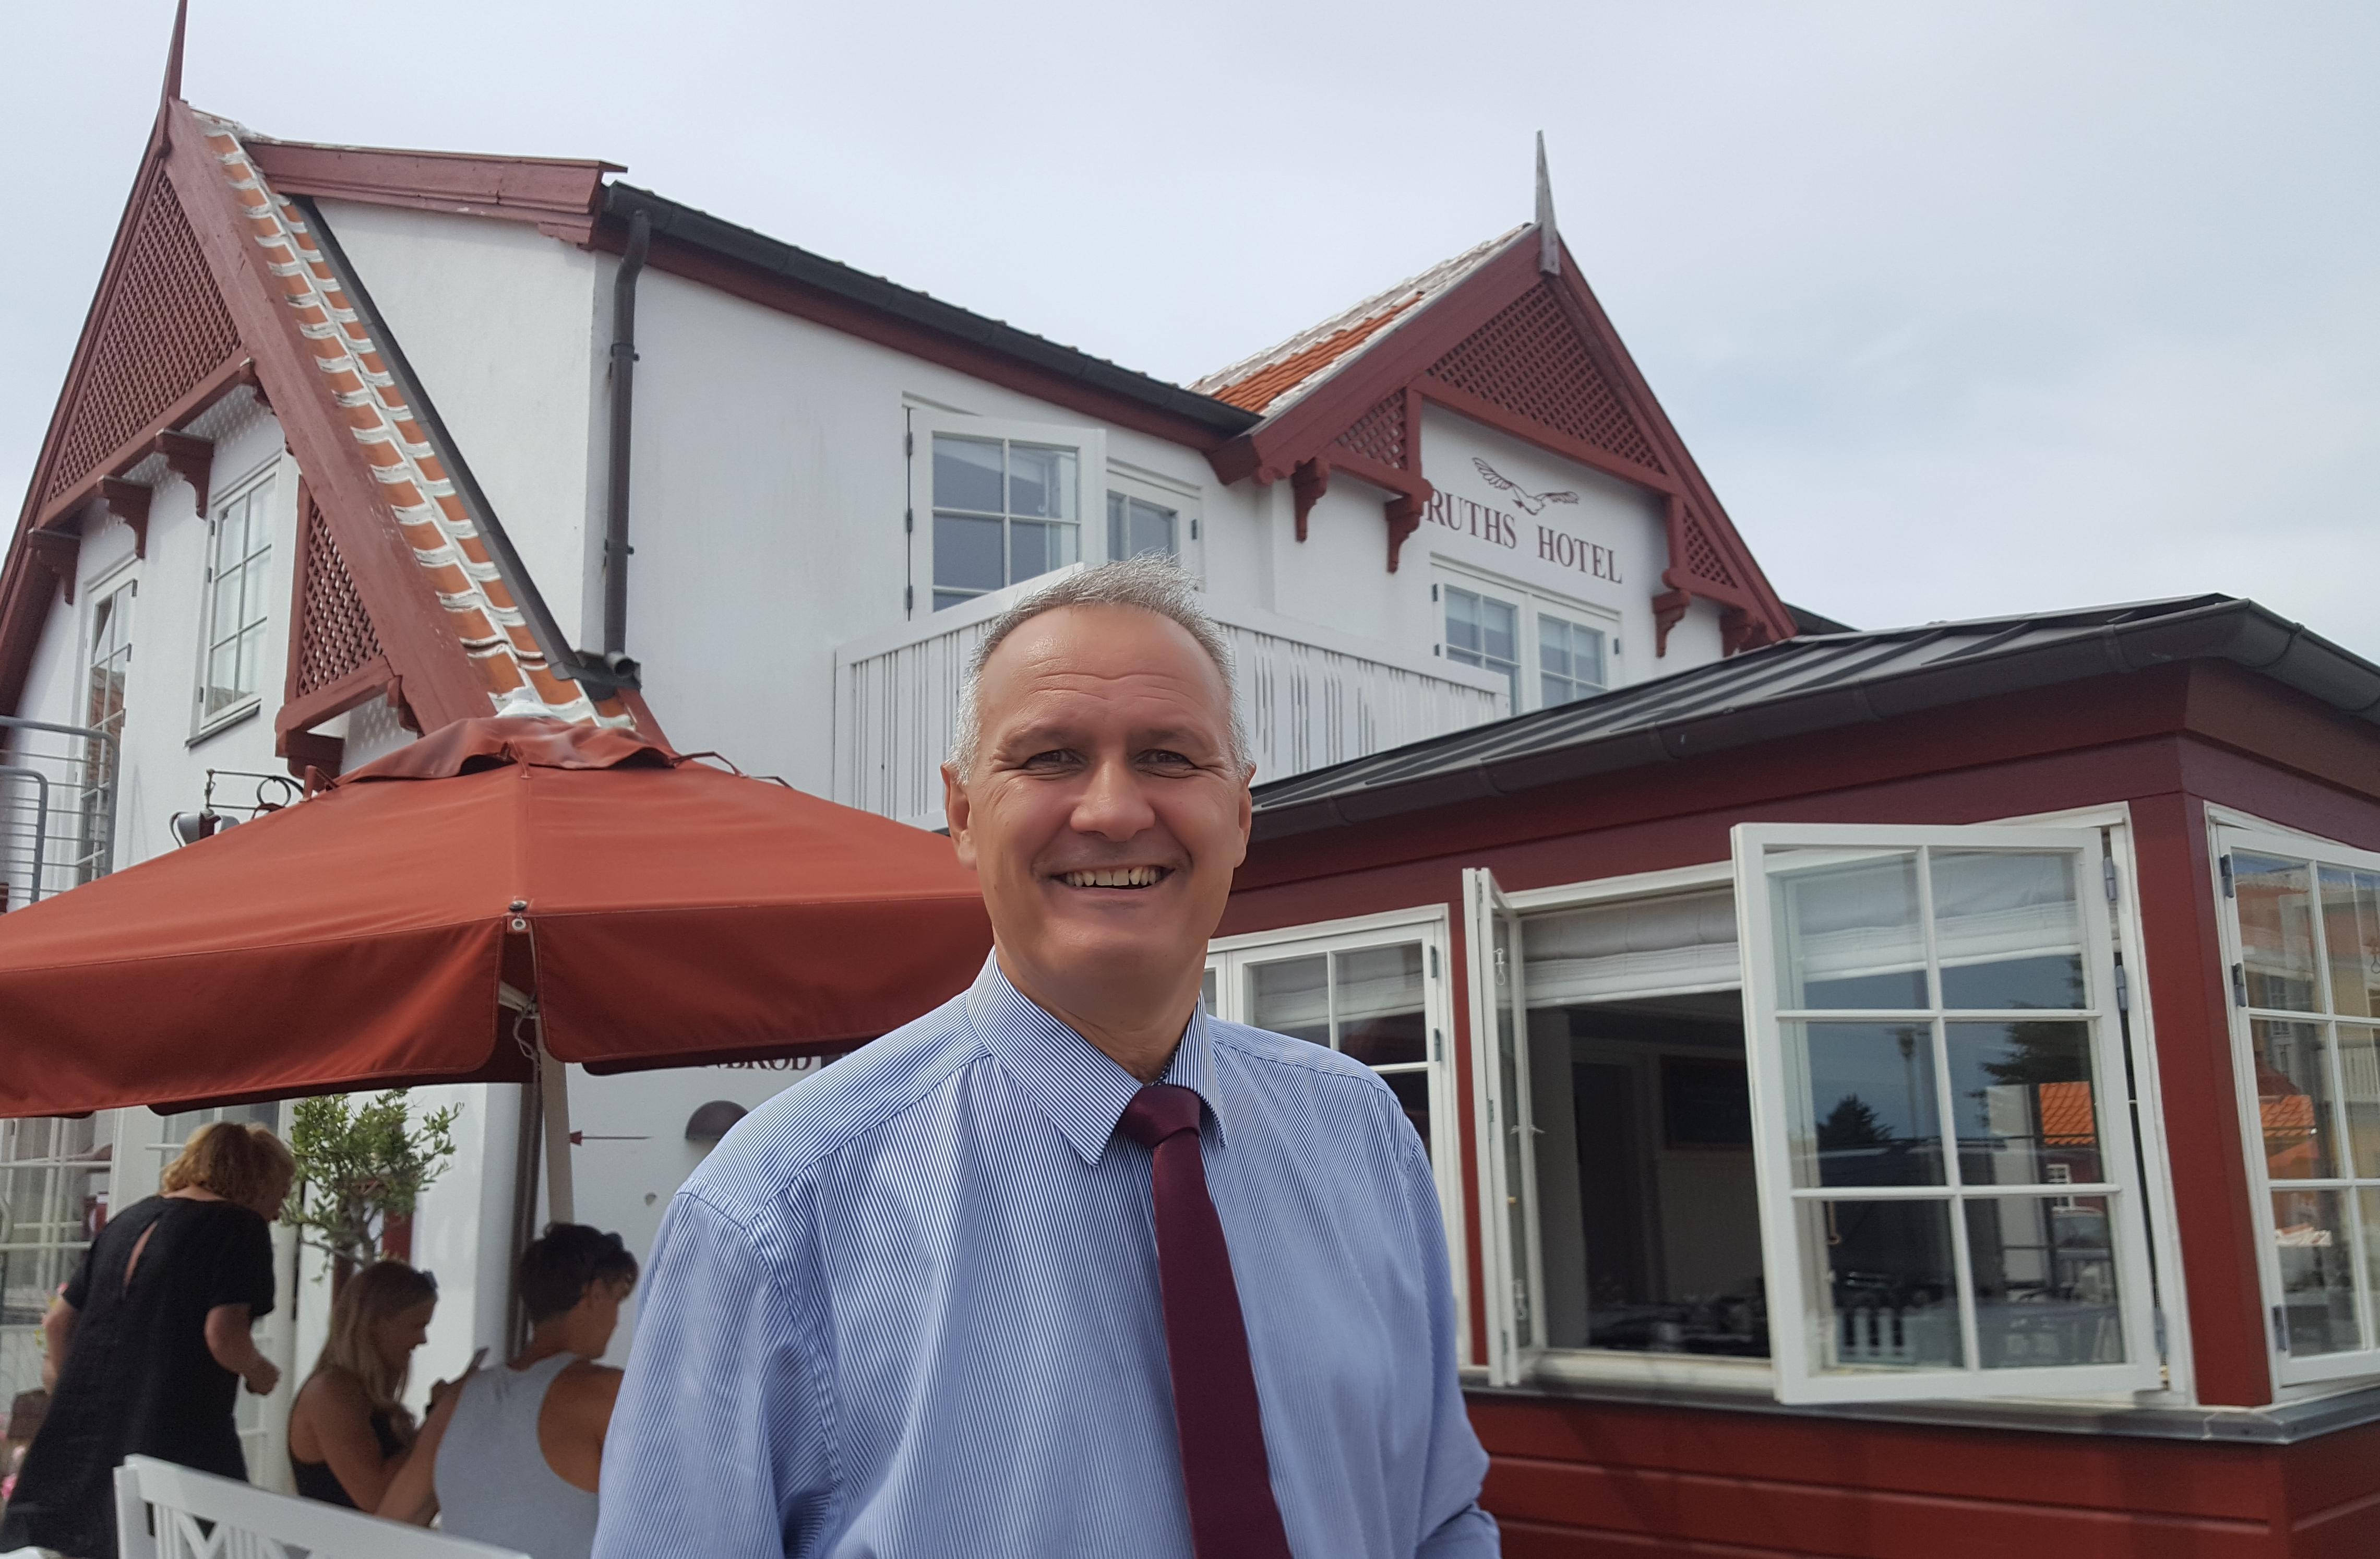 Peter Christian Bühlmann Jensen stopper som administrerende direktør for Ruths Hotel i Gl. Skagen, men indtræder i dets bestyrelse. Foto: Ruths Hotel.